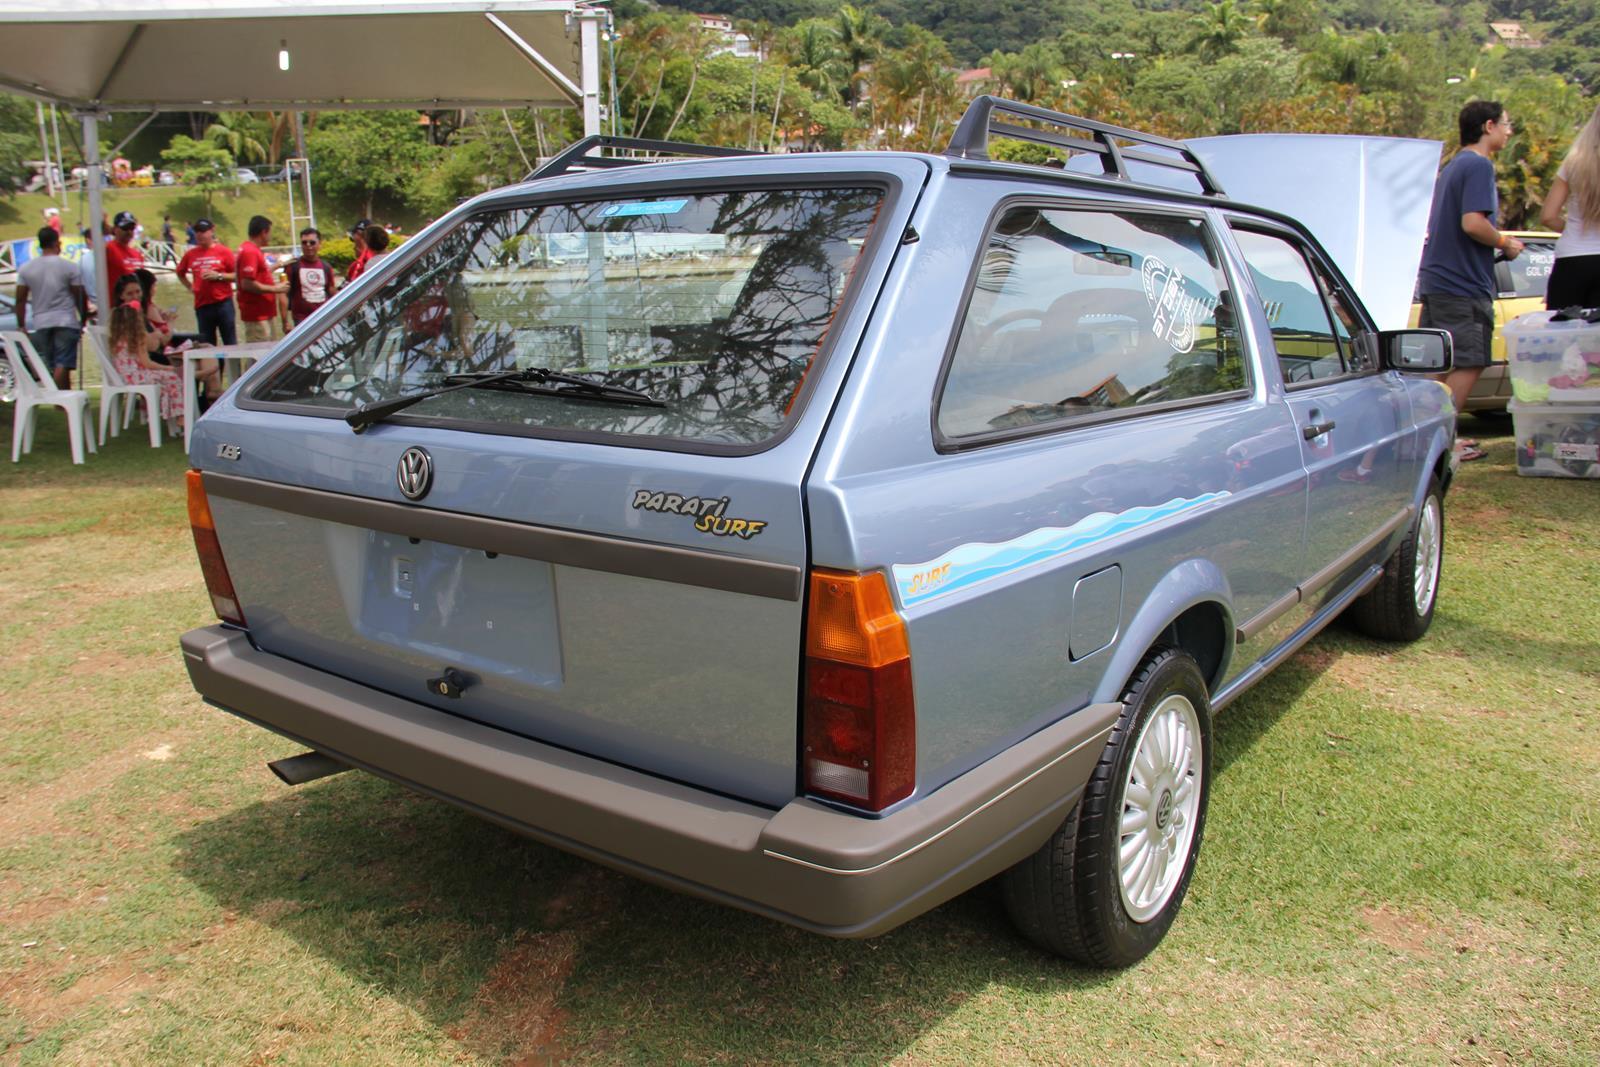 Classico de 1994, a Parati Surf tinha motor 1.8 e era sempre pintada na cor azul Havaí